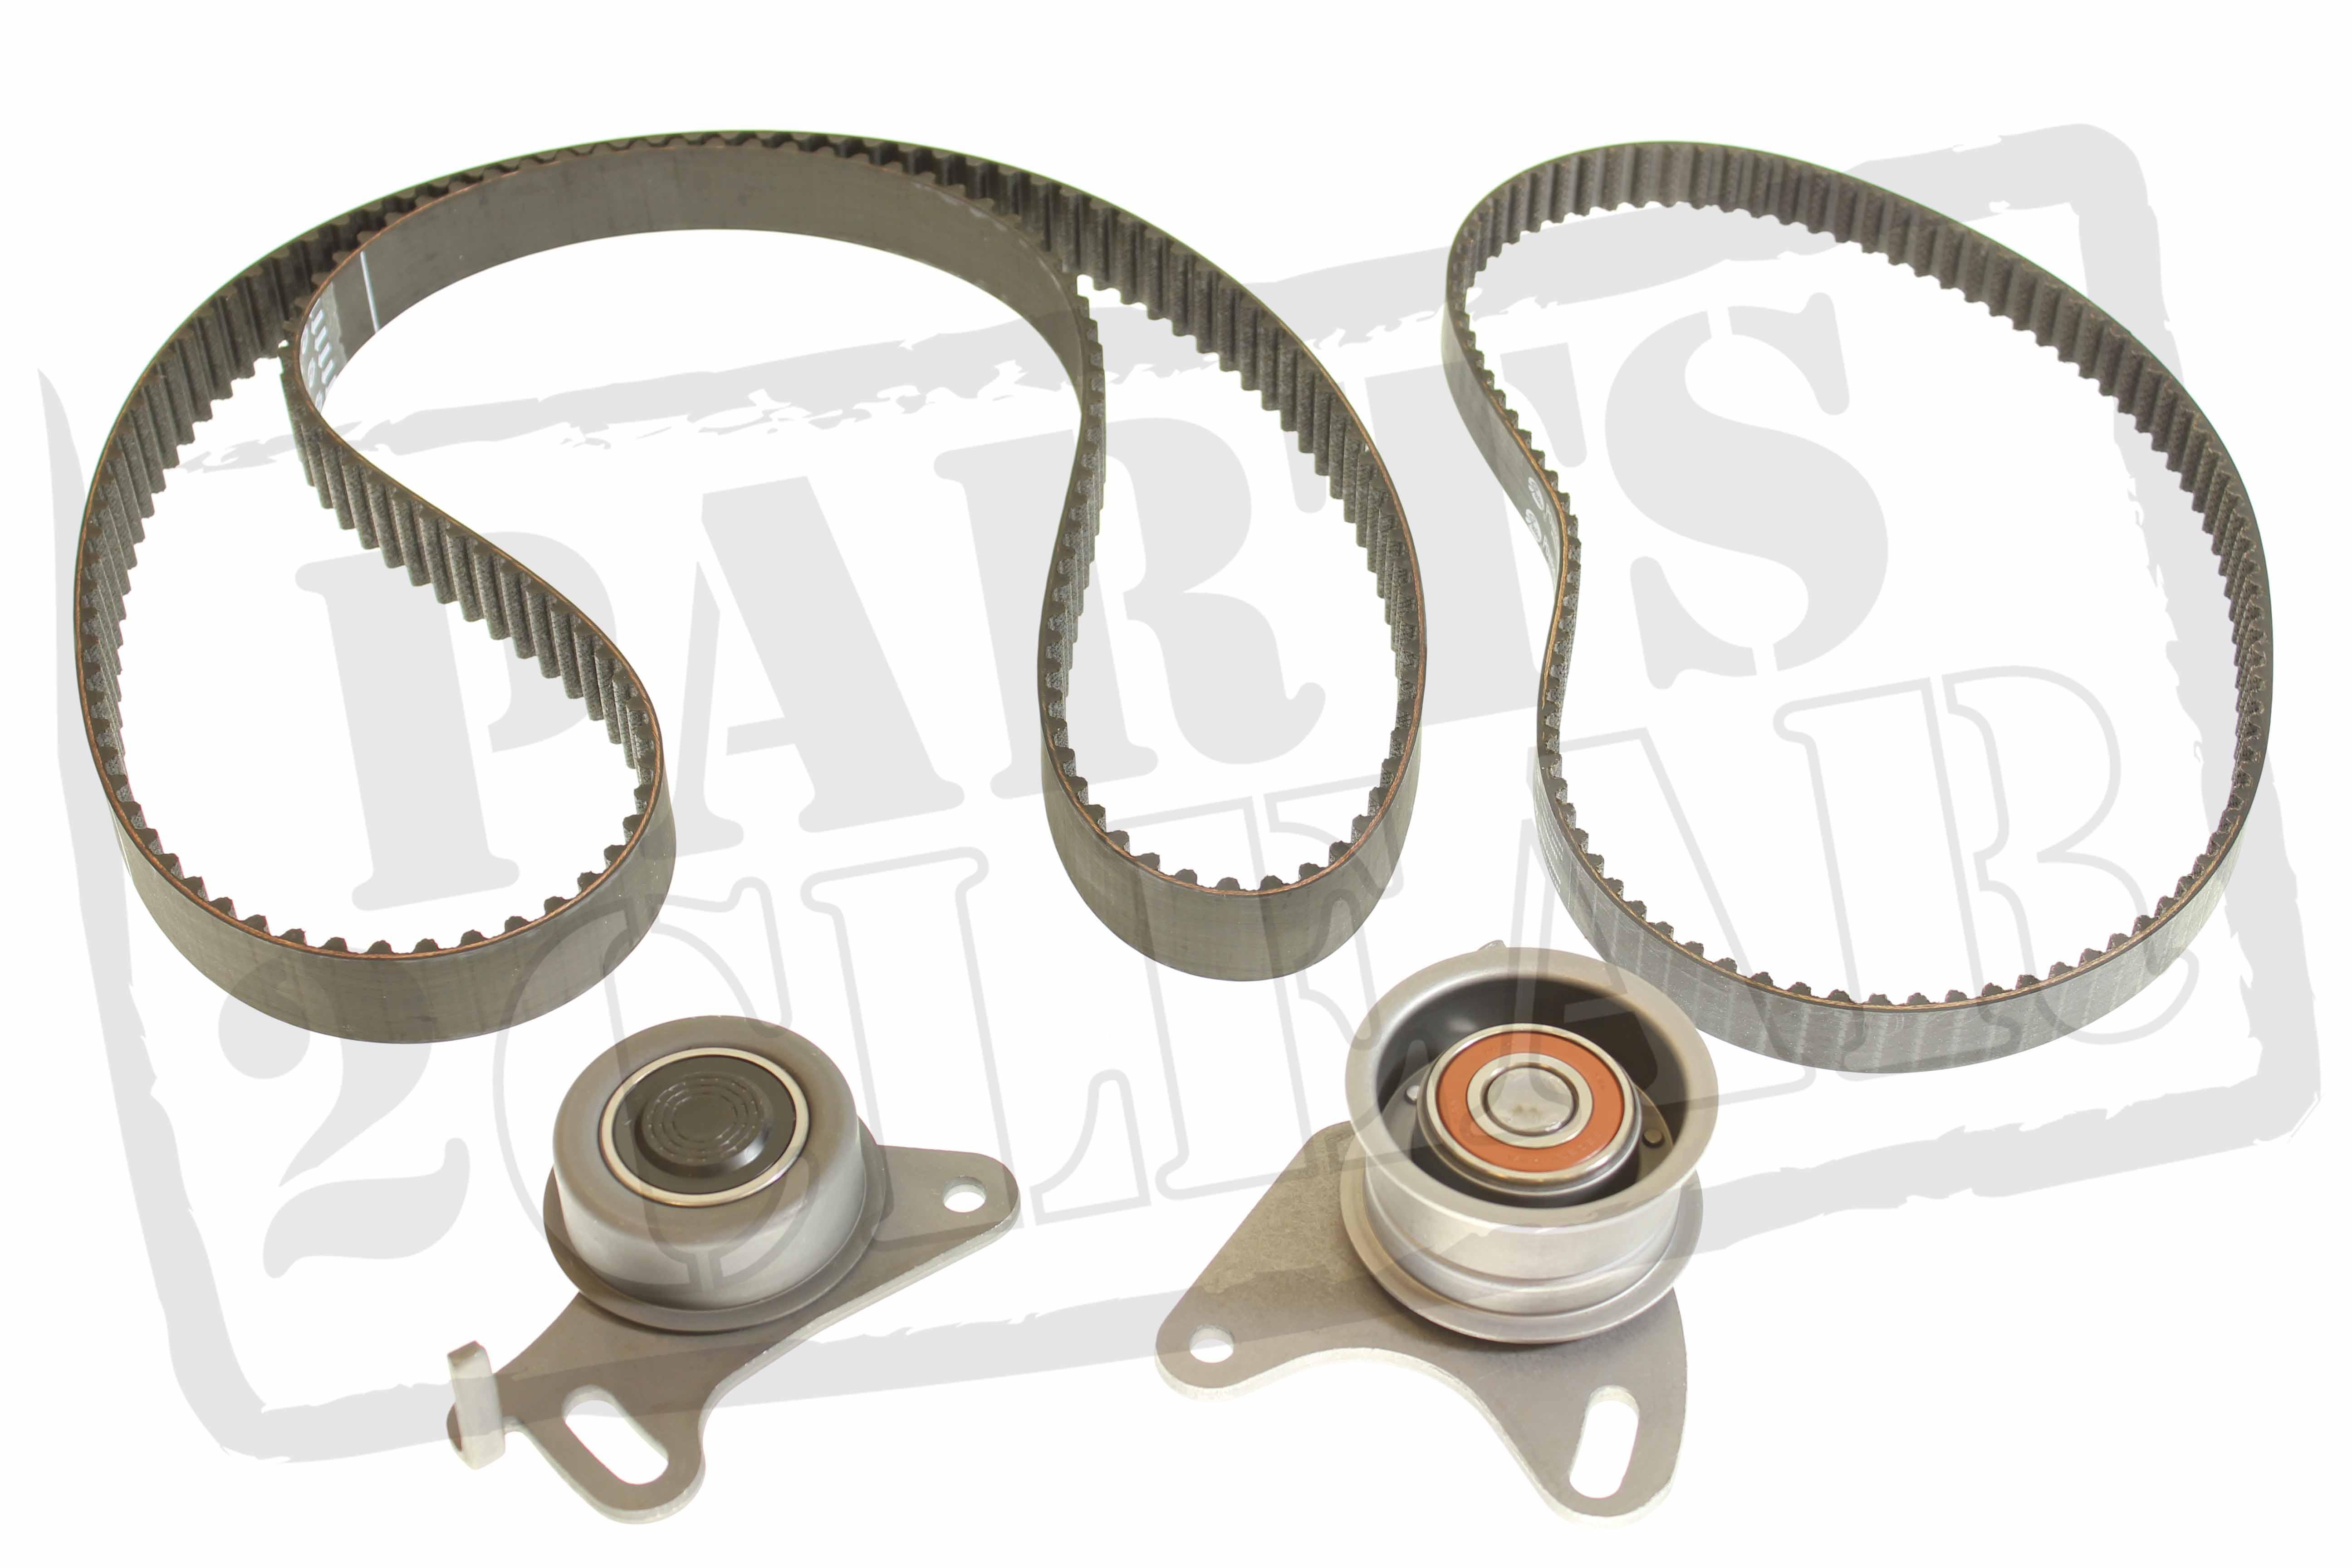 Mitsubishi Timing Belt : Mitsubishi l td cam timing belt tensioner kit k